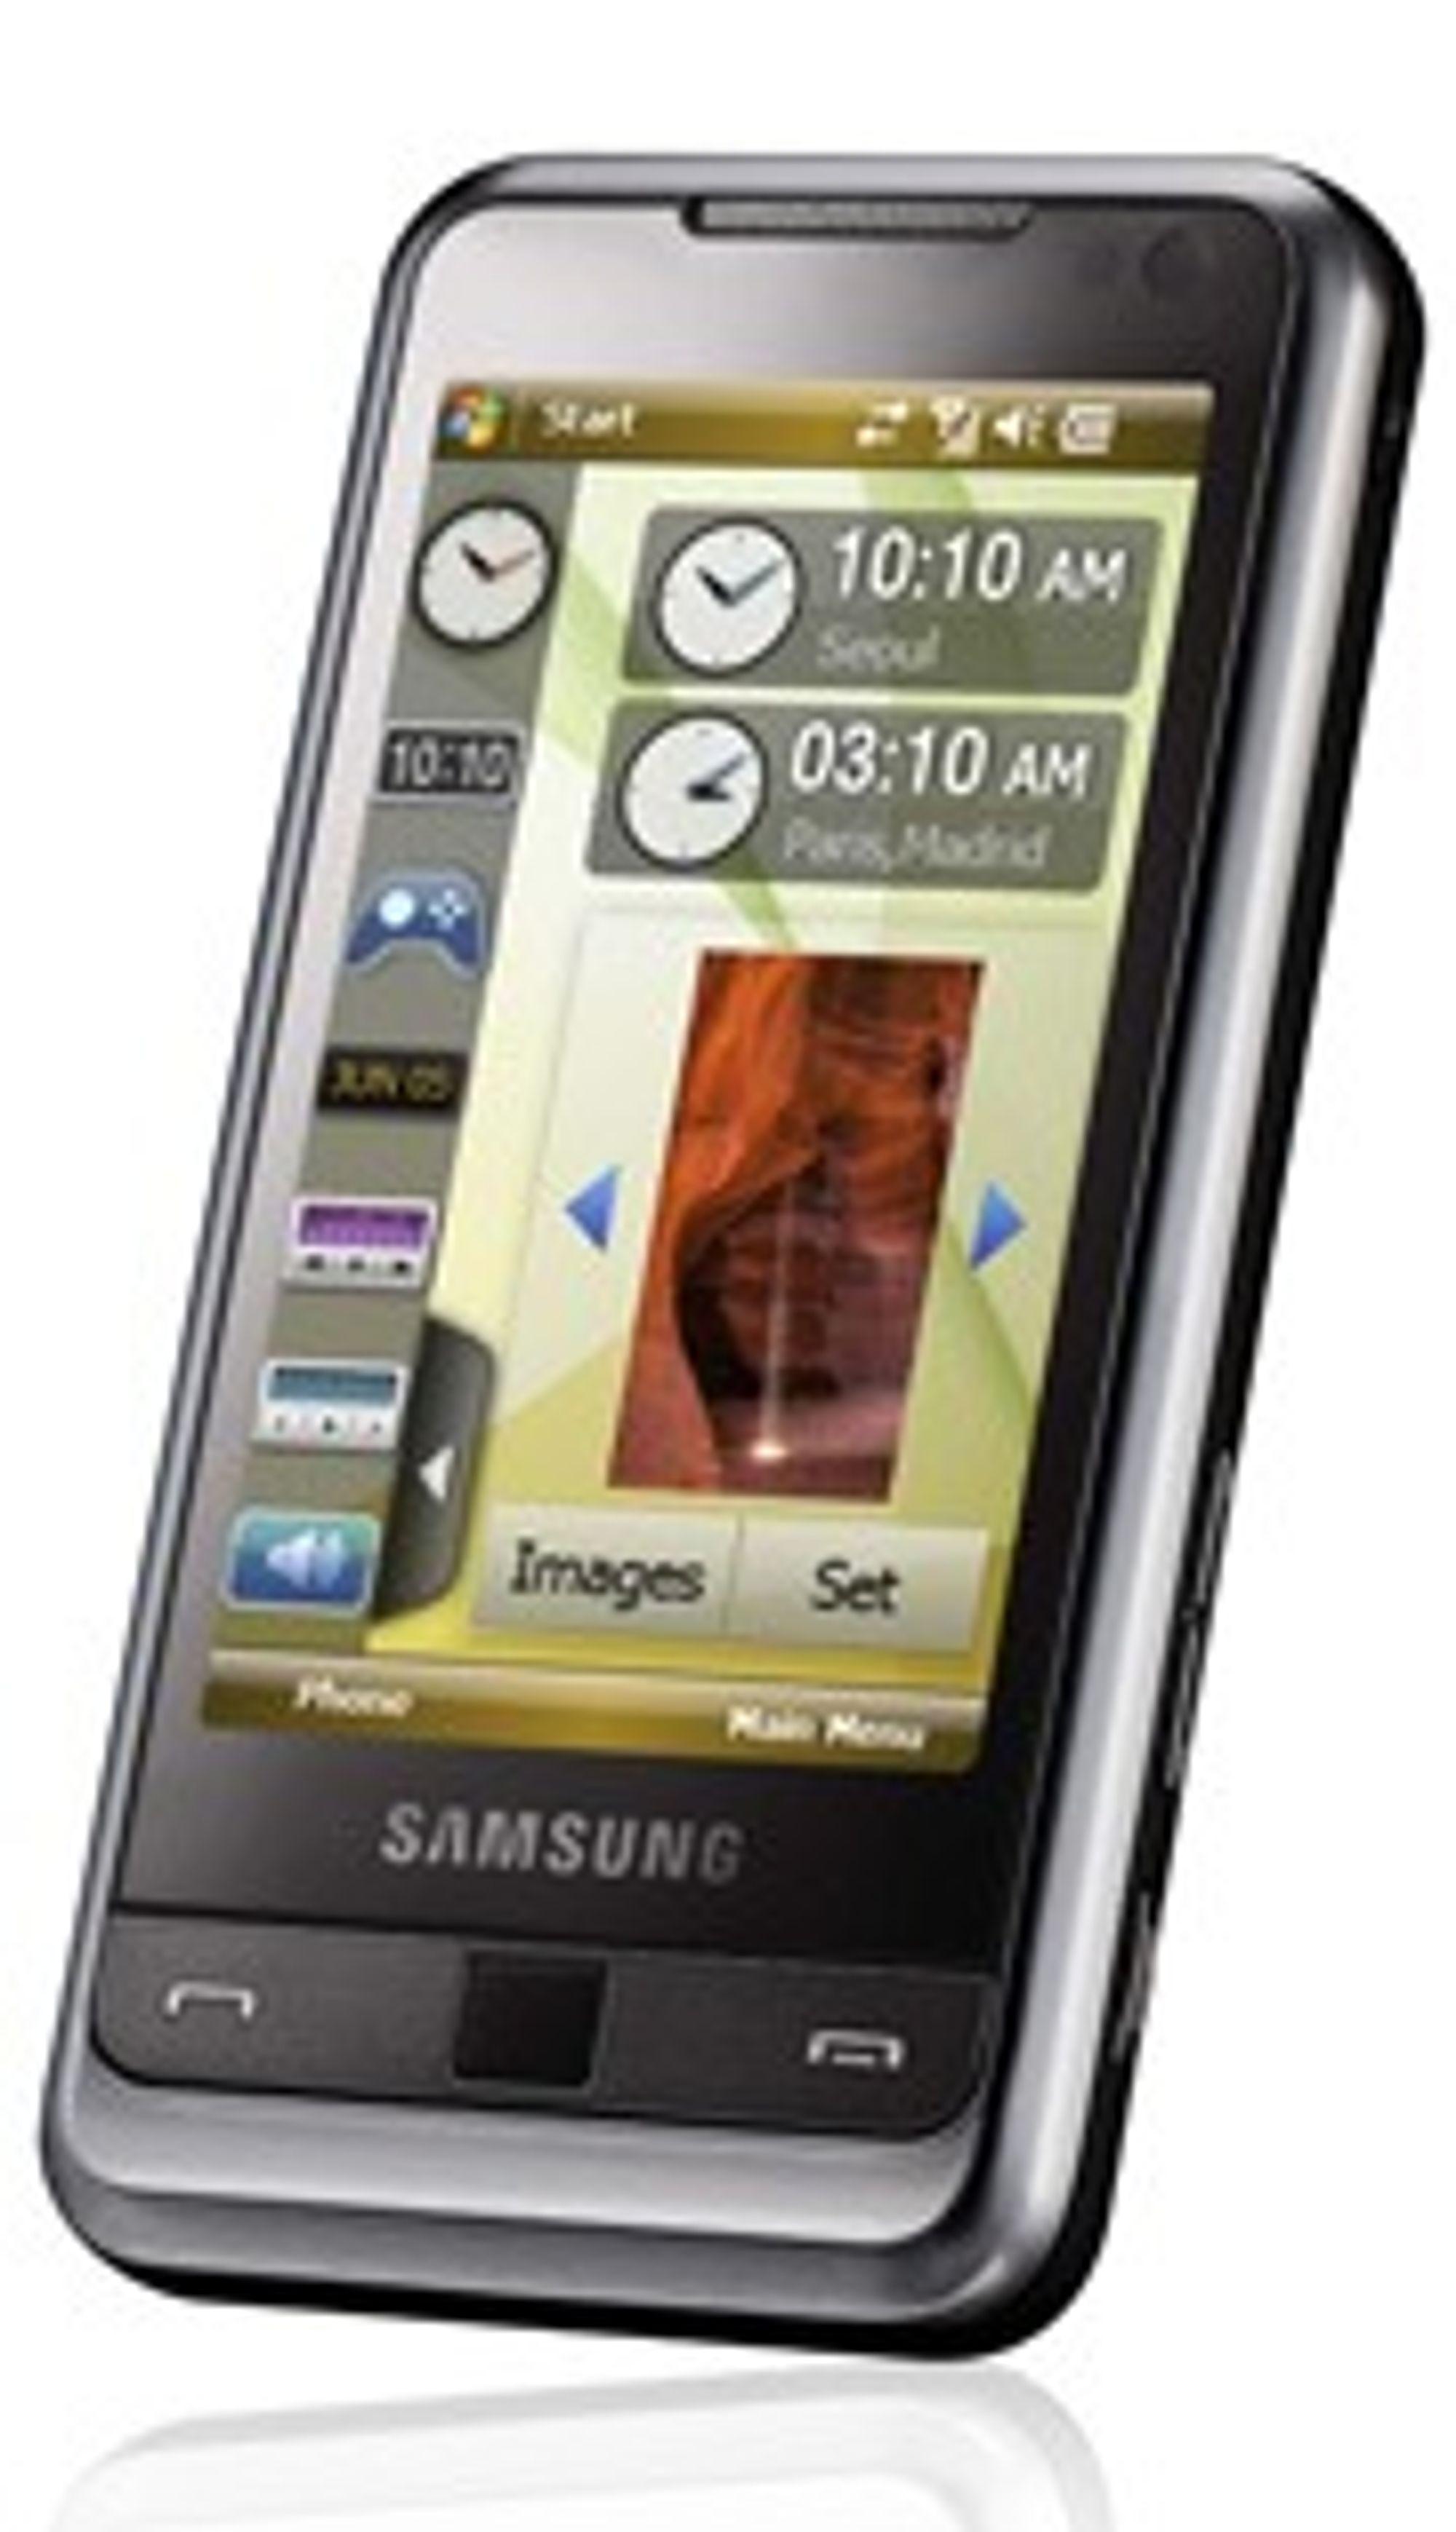 Samsung Omnia.